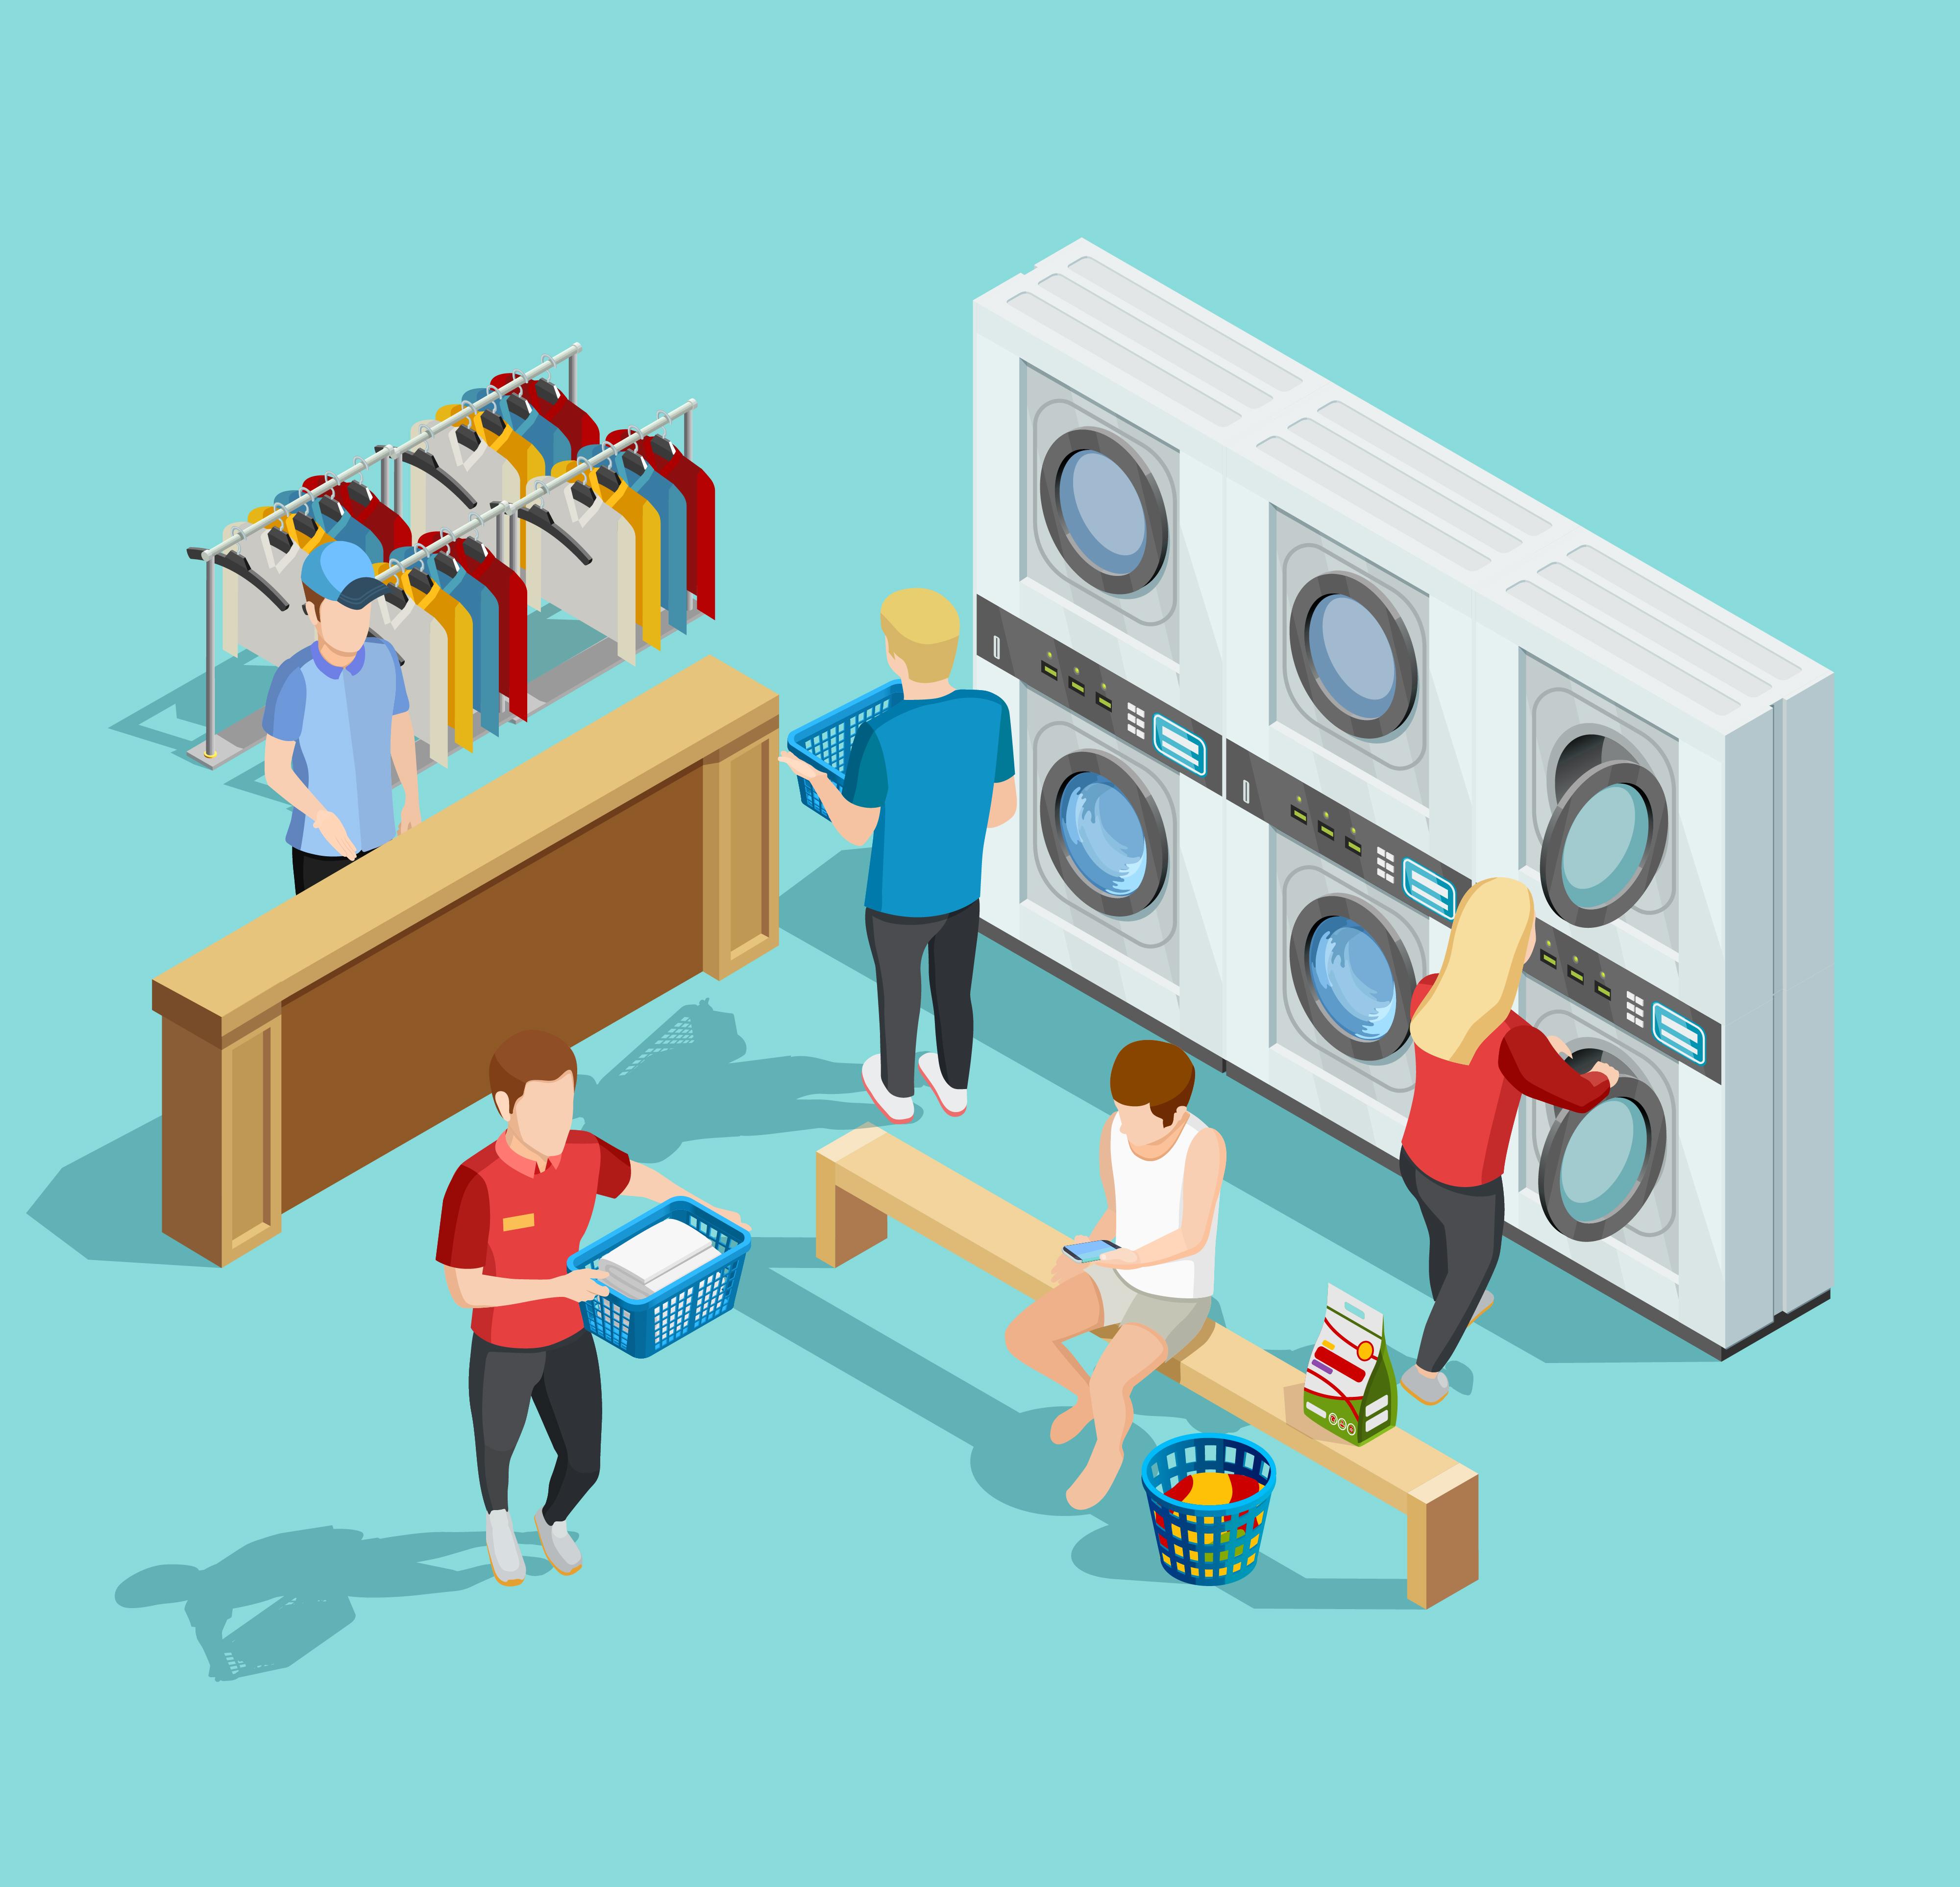 เครื่องซักผ้าขนาดใหญ่